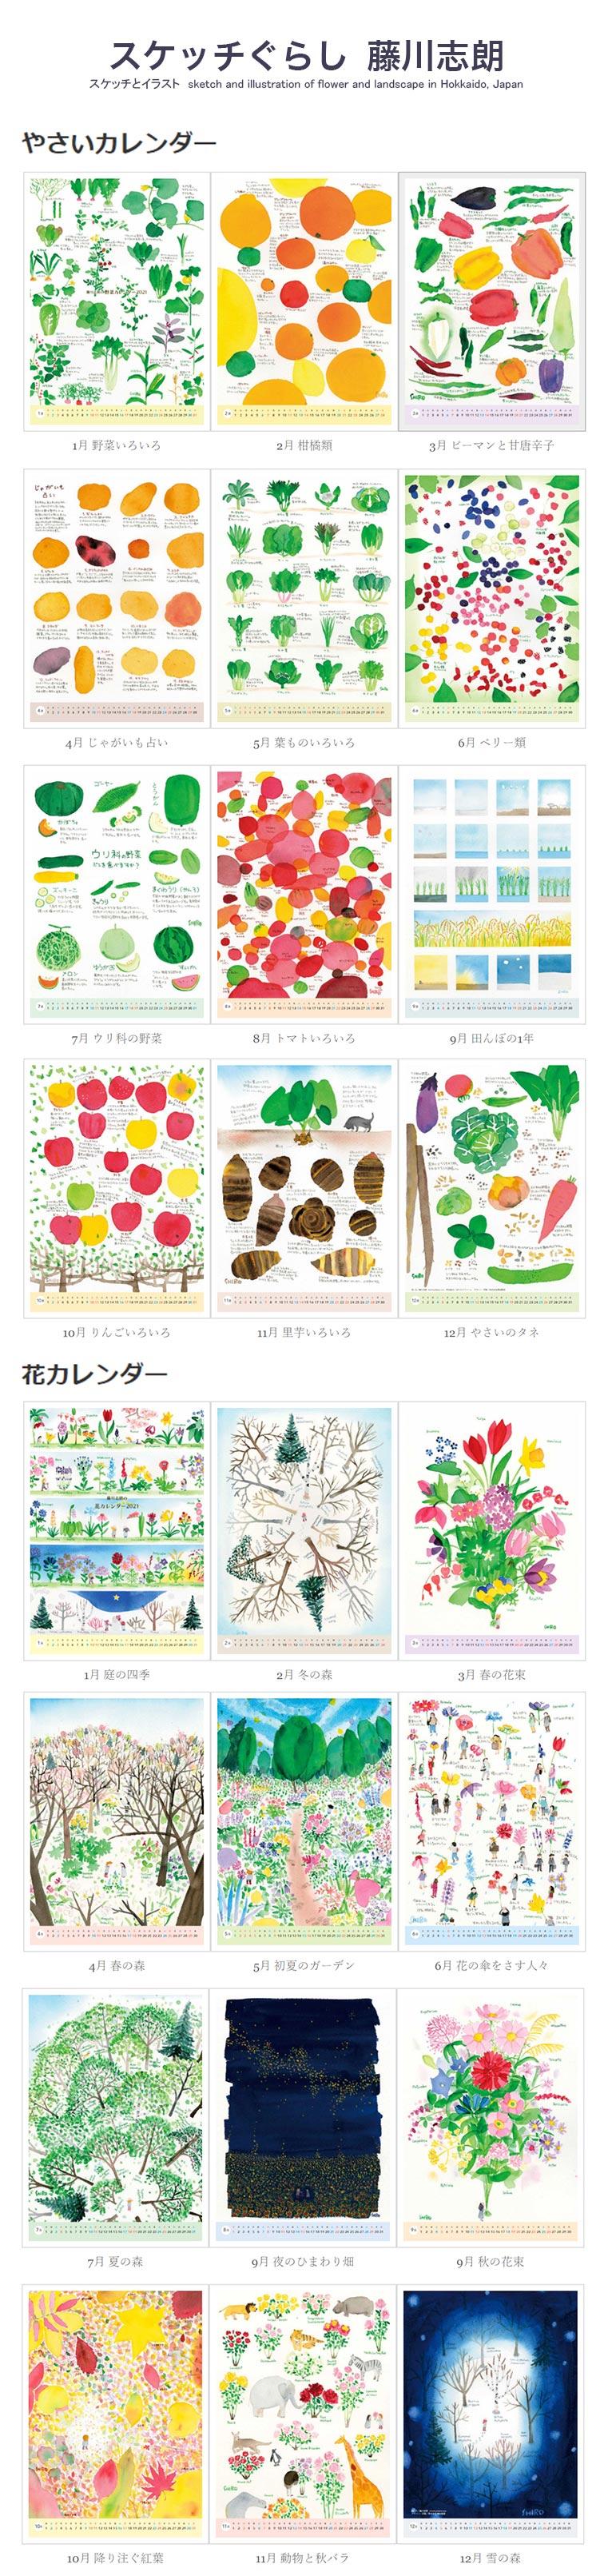 2021年版カレンダー スケッチとイラスト 藤川志朗